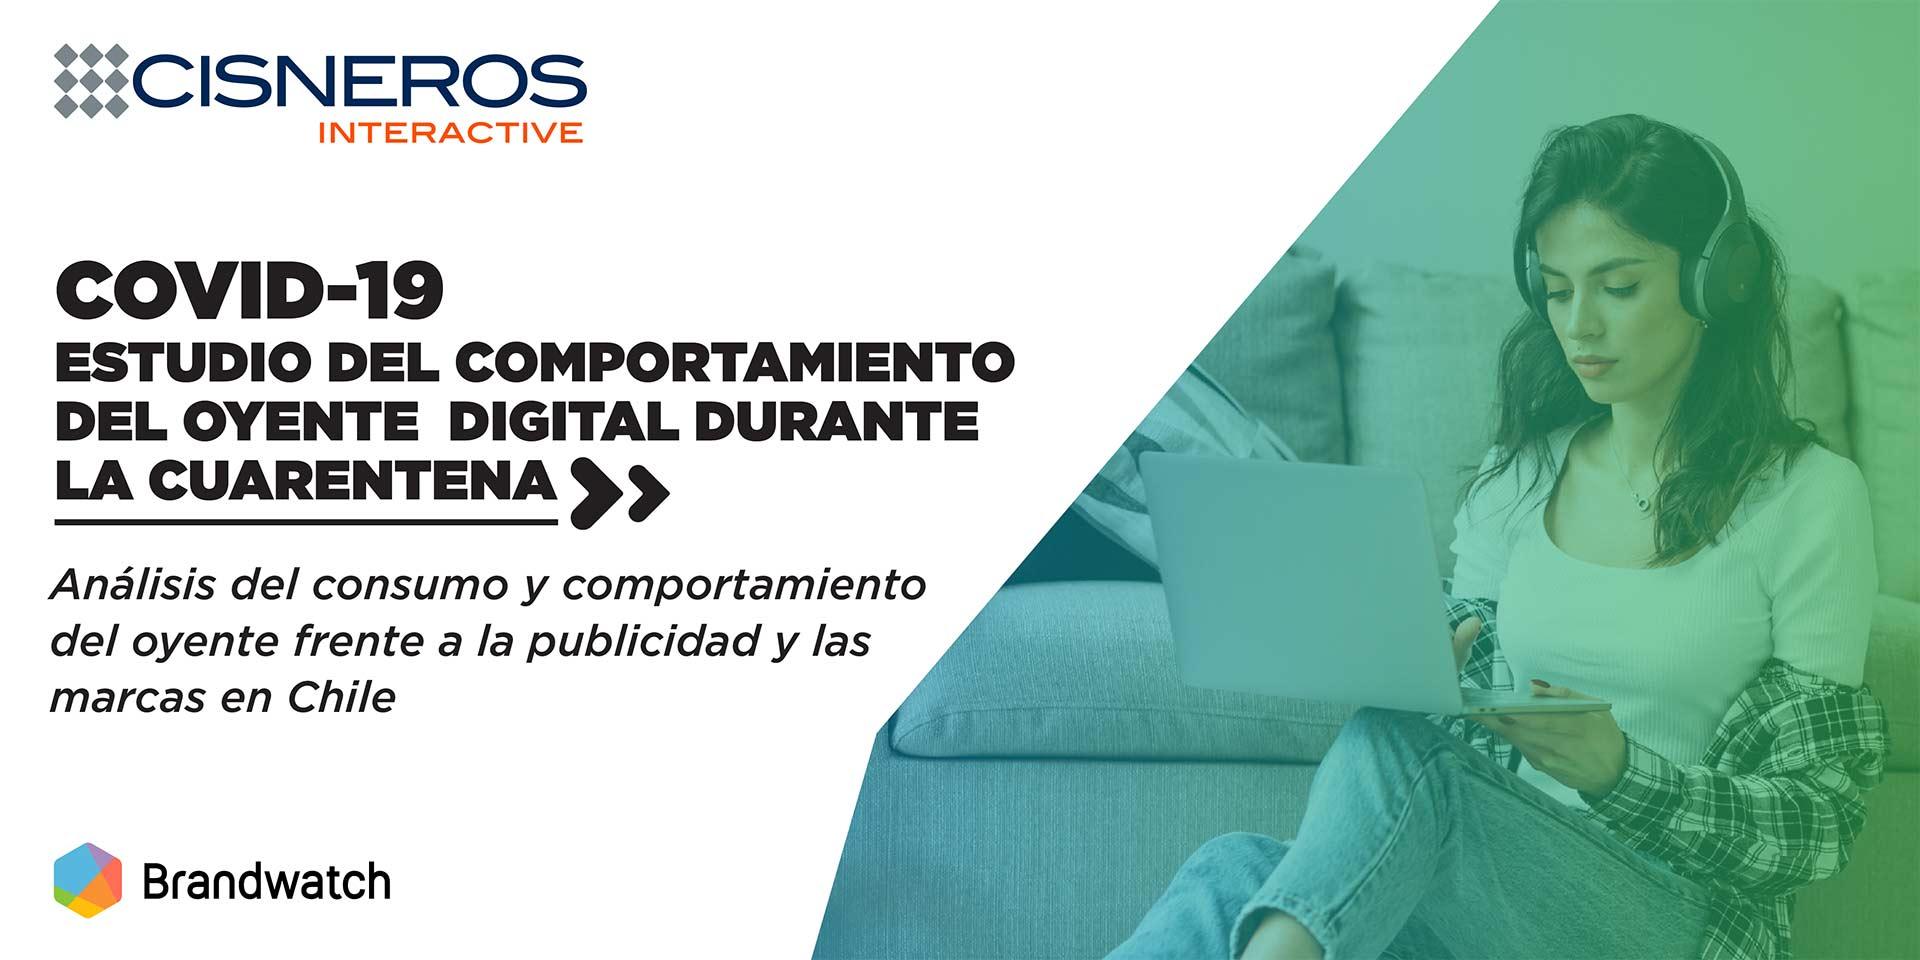 RedMas - Cisneros interactive_Estudio oyente digital